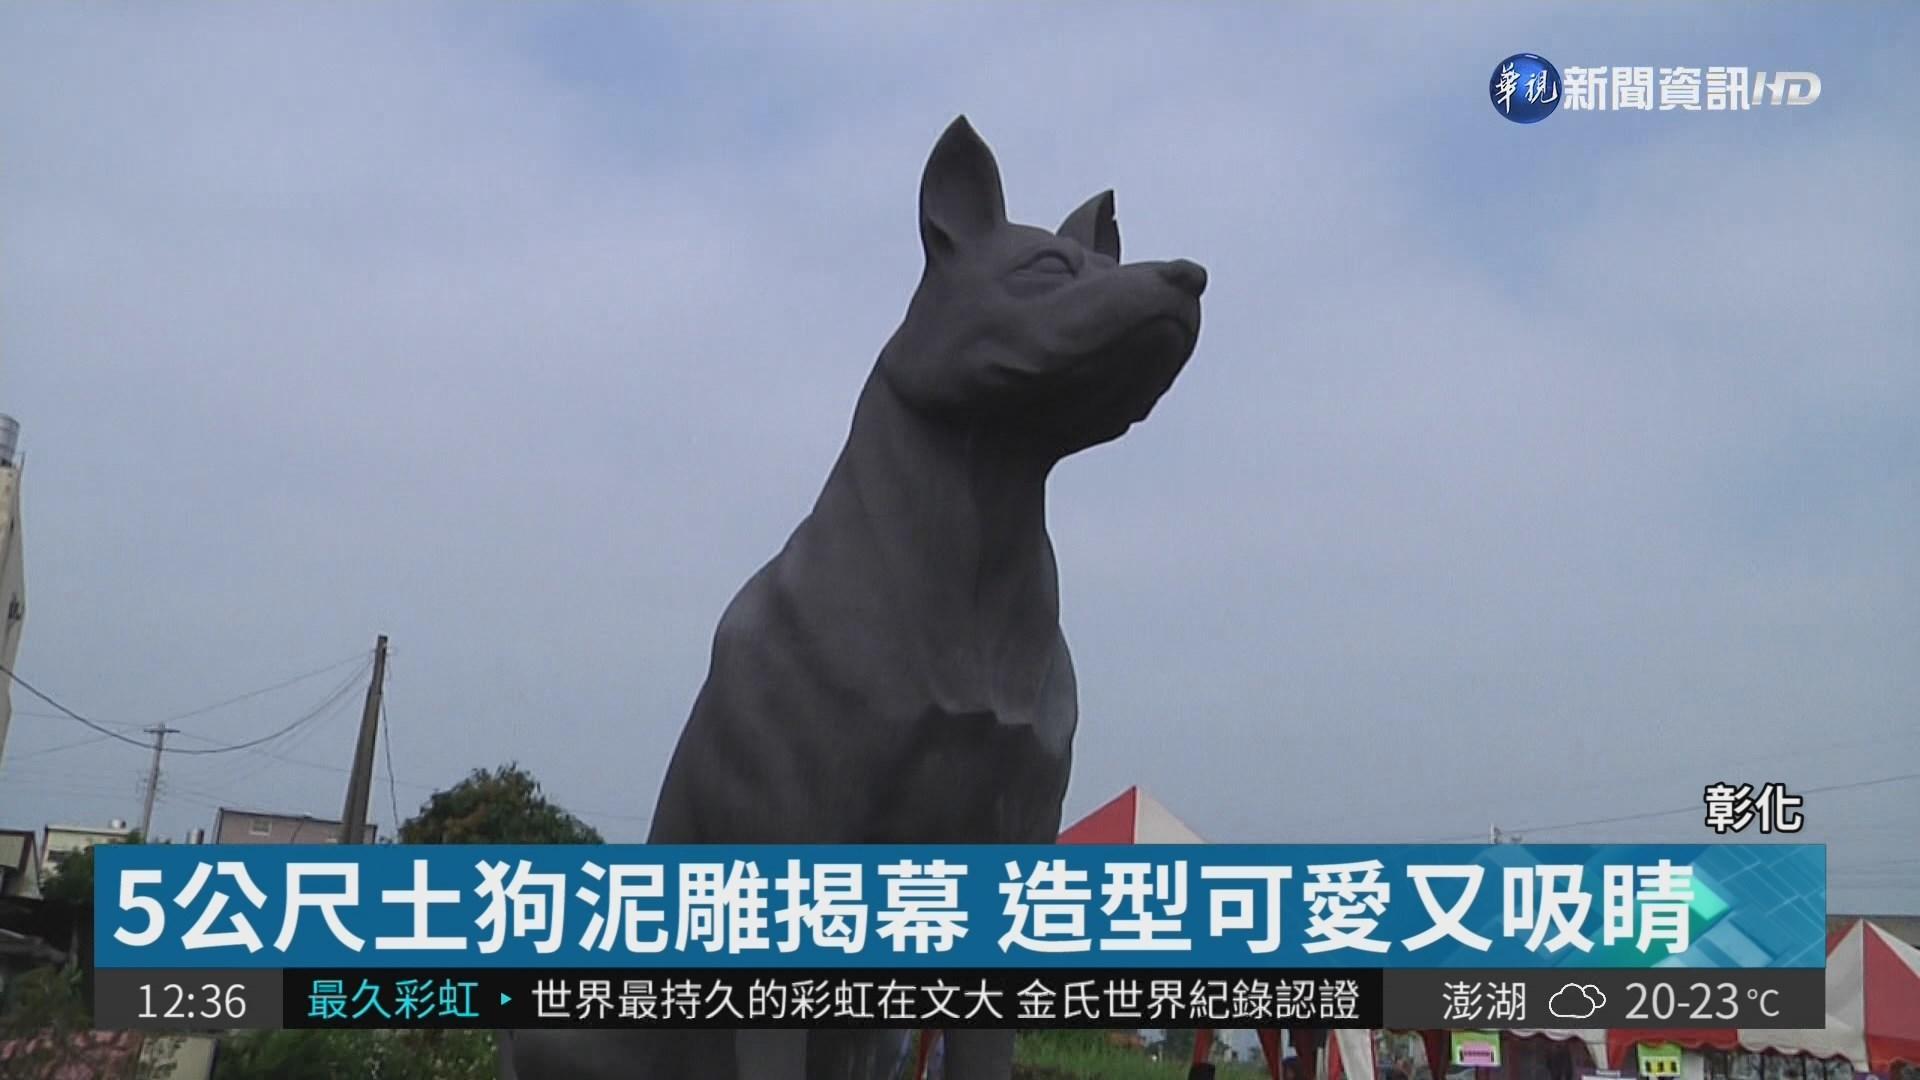 彰化田中窯千人捏陶 土狗泥雕揭幕